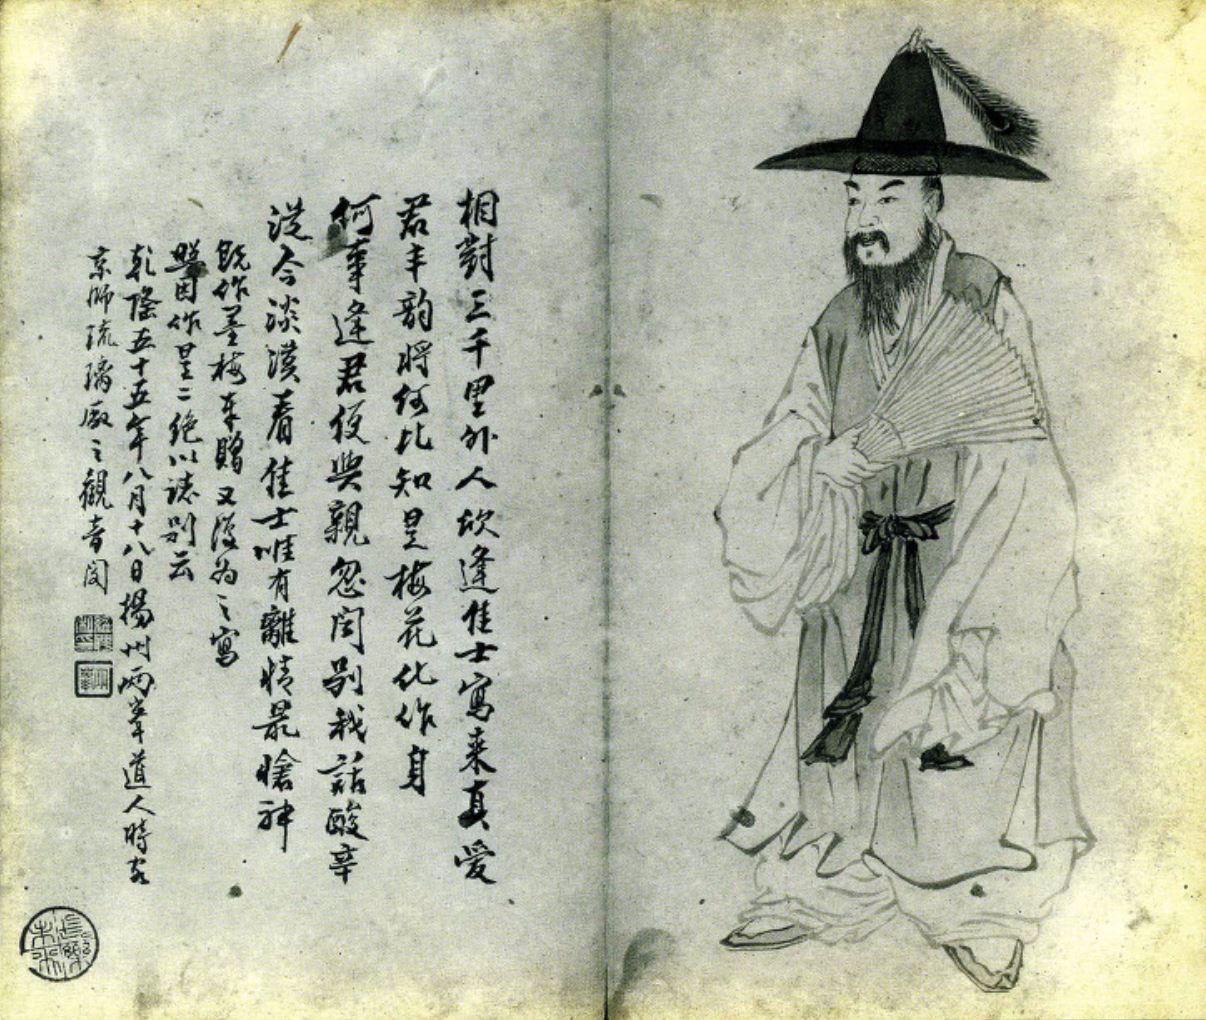 청나라 문인인 양봉 나빙(1733-1799)이 북경 유리창에서 초정을 만나 사귄 후에 이별의 증표로 그린 박제가의 모습. 출처: 후지즈카 치카시 소장 유리건판.